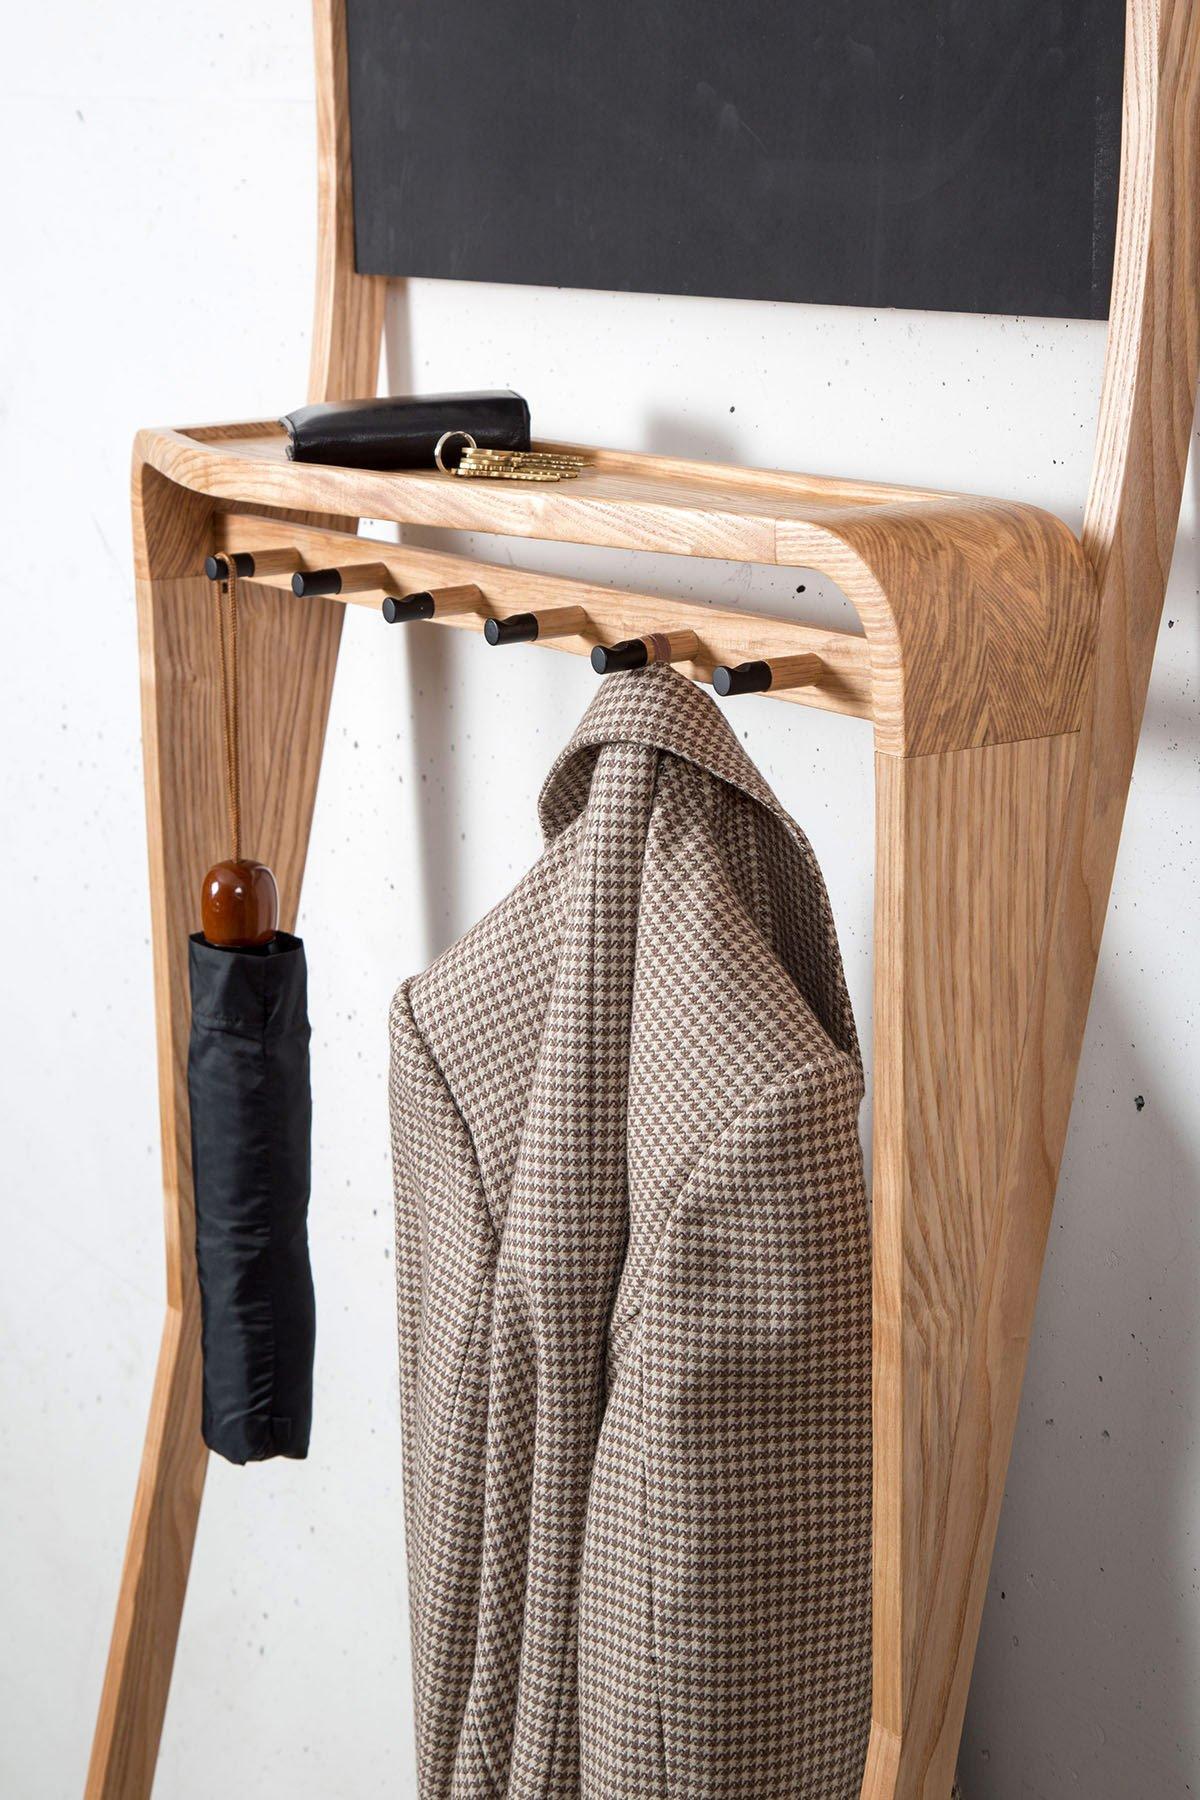 leaning-loop-custom-wood-organizer-4